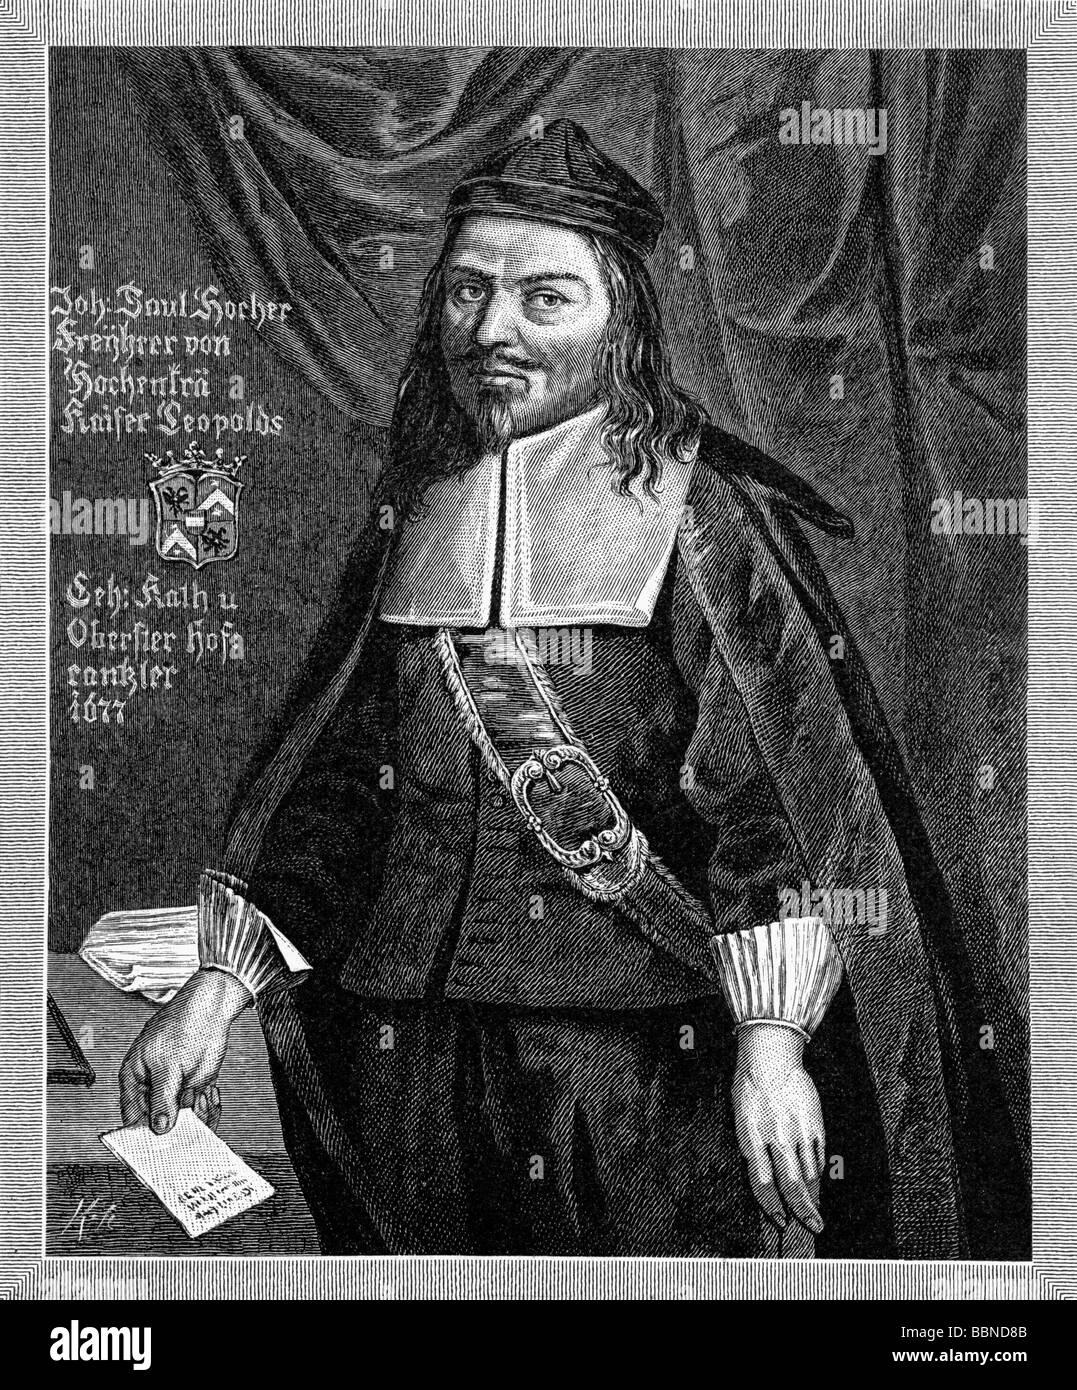 Hocher, Johann Paul Freiherr von Hohenburg, 12.8.1616 - 1.3.1683, Austrian statesman, privy councillor and court - Stock Image